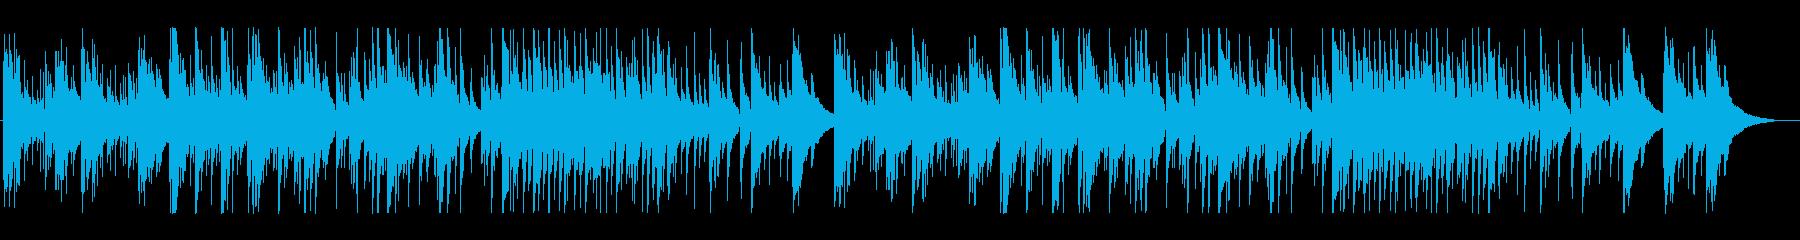 メロディーが印象的なギターソロの再生済みの波形